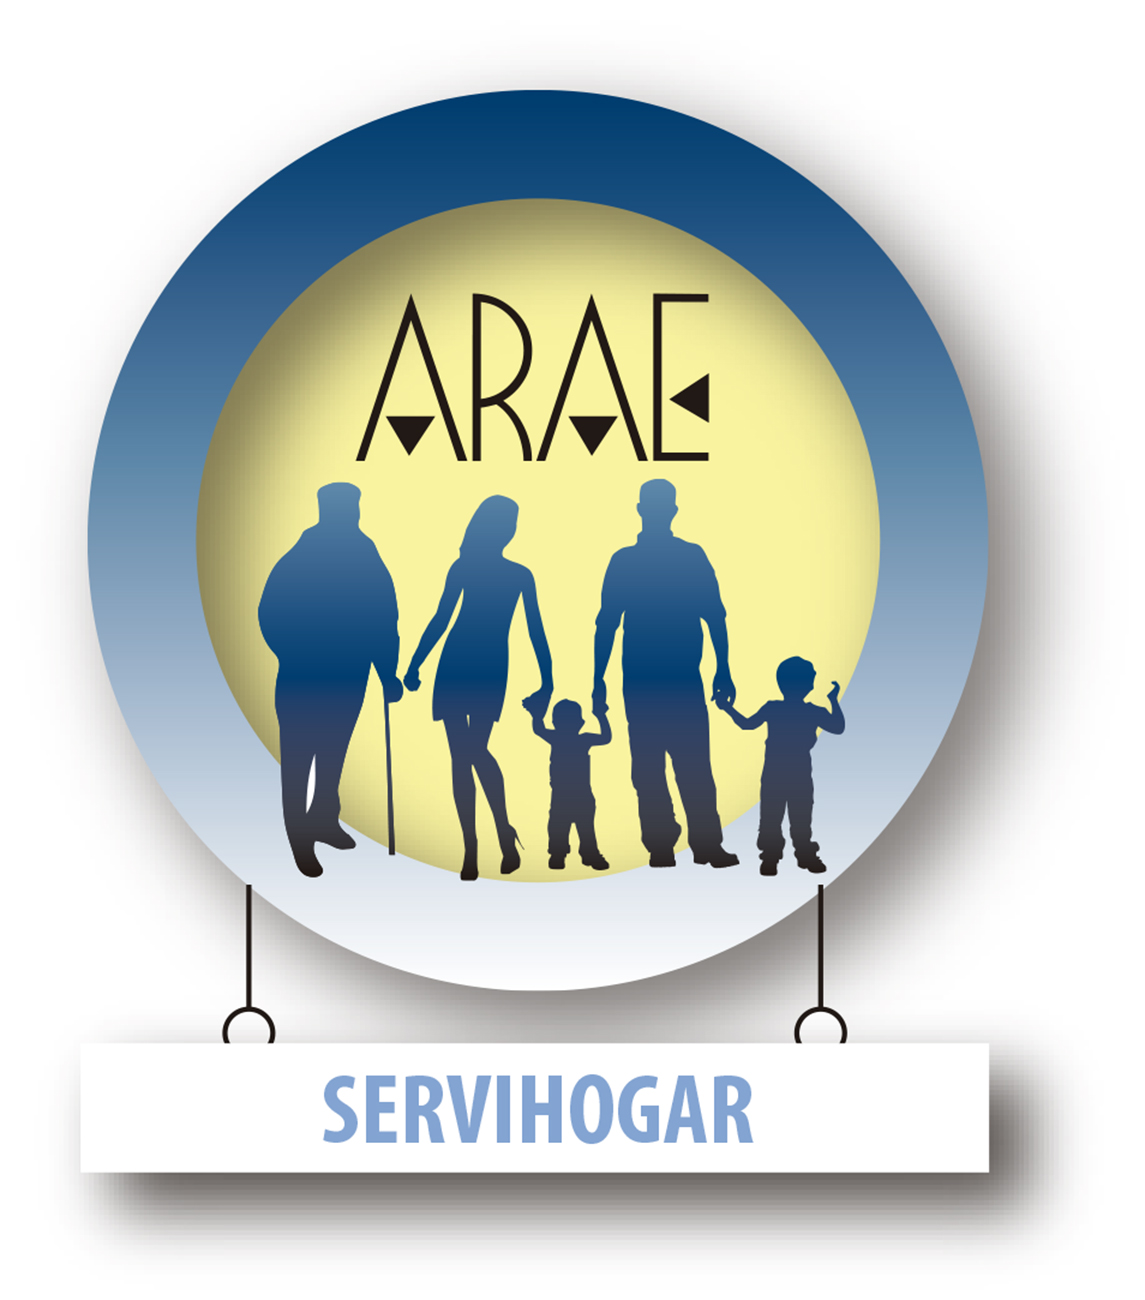 Arae Servihogar